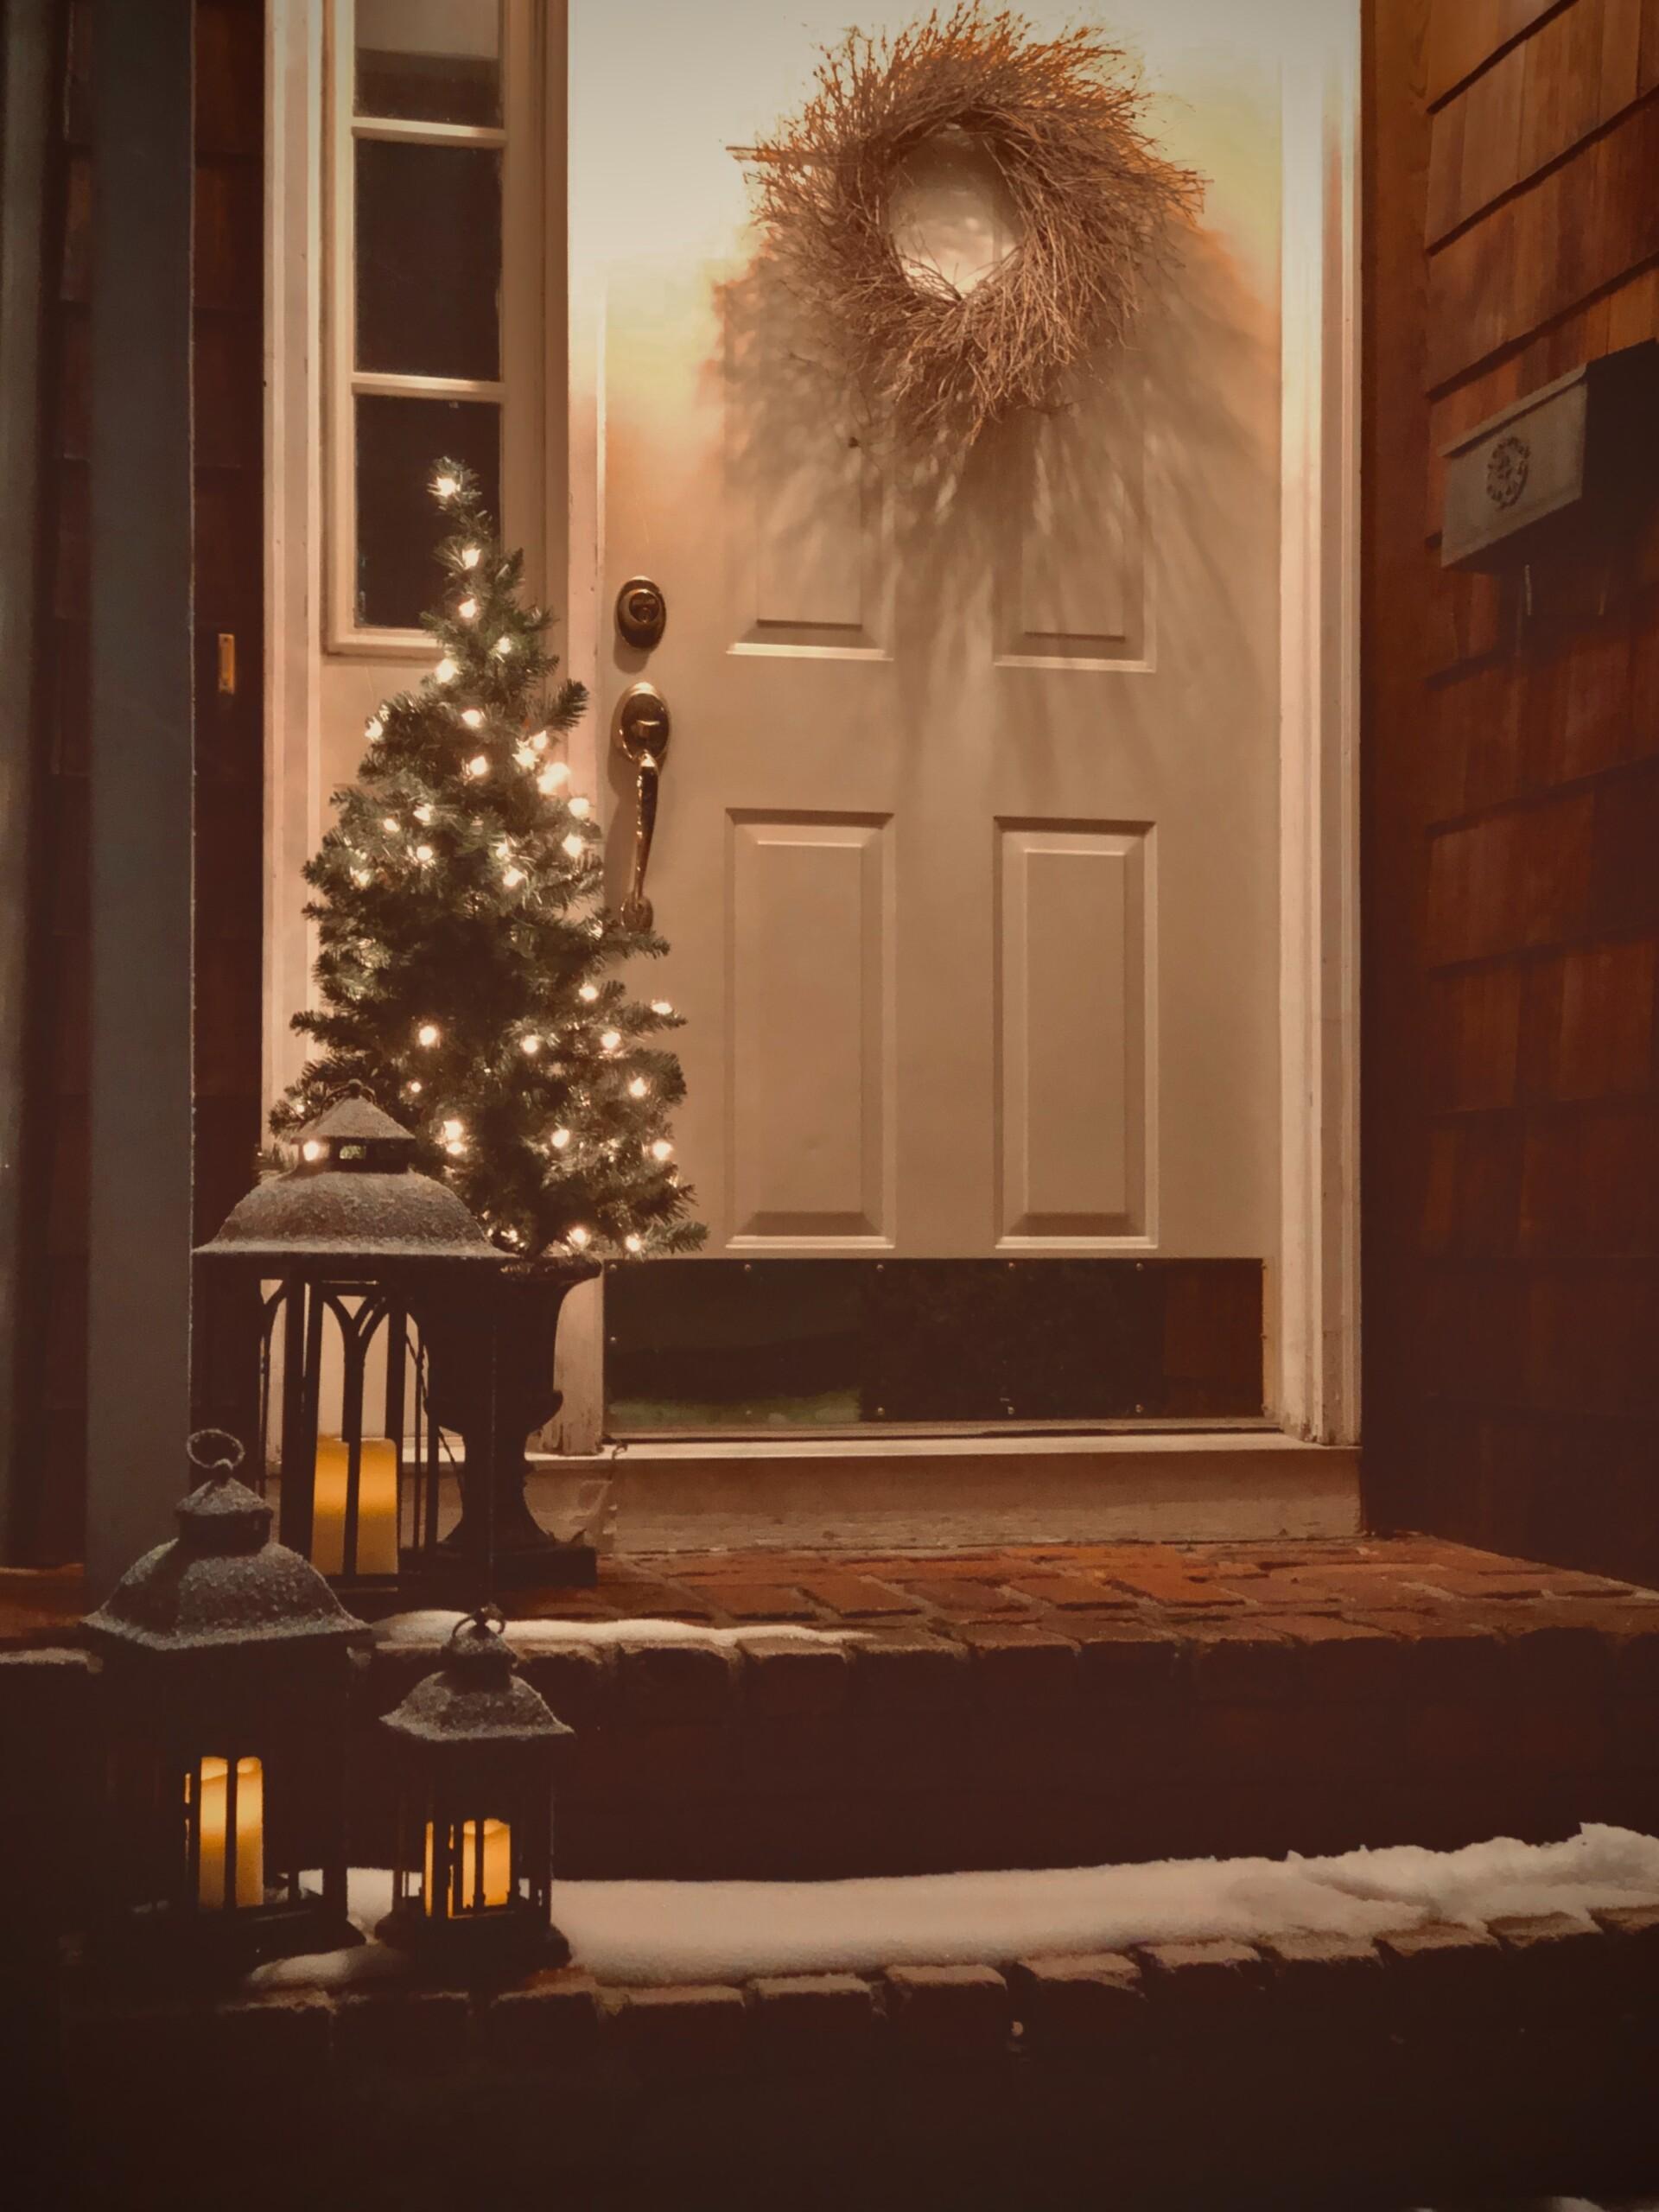 Laat in de winter een lichtje aan bij de voordeur